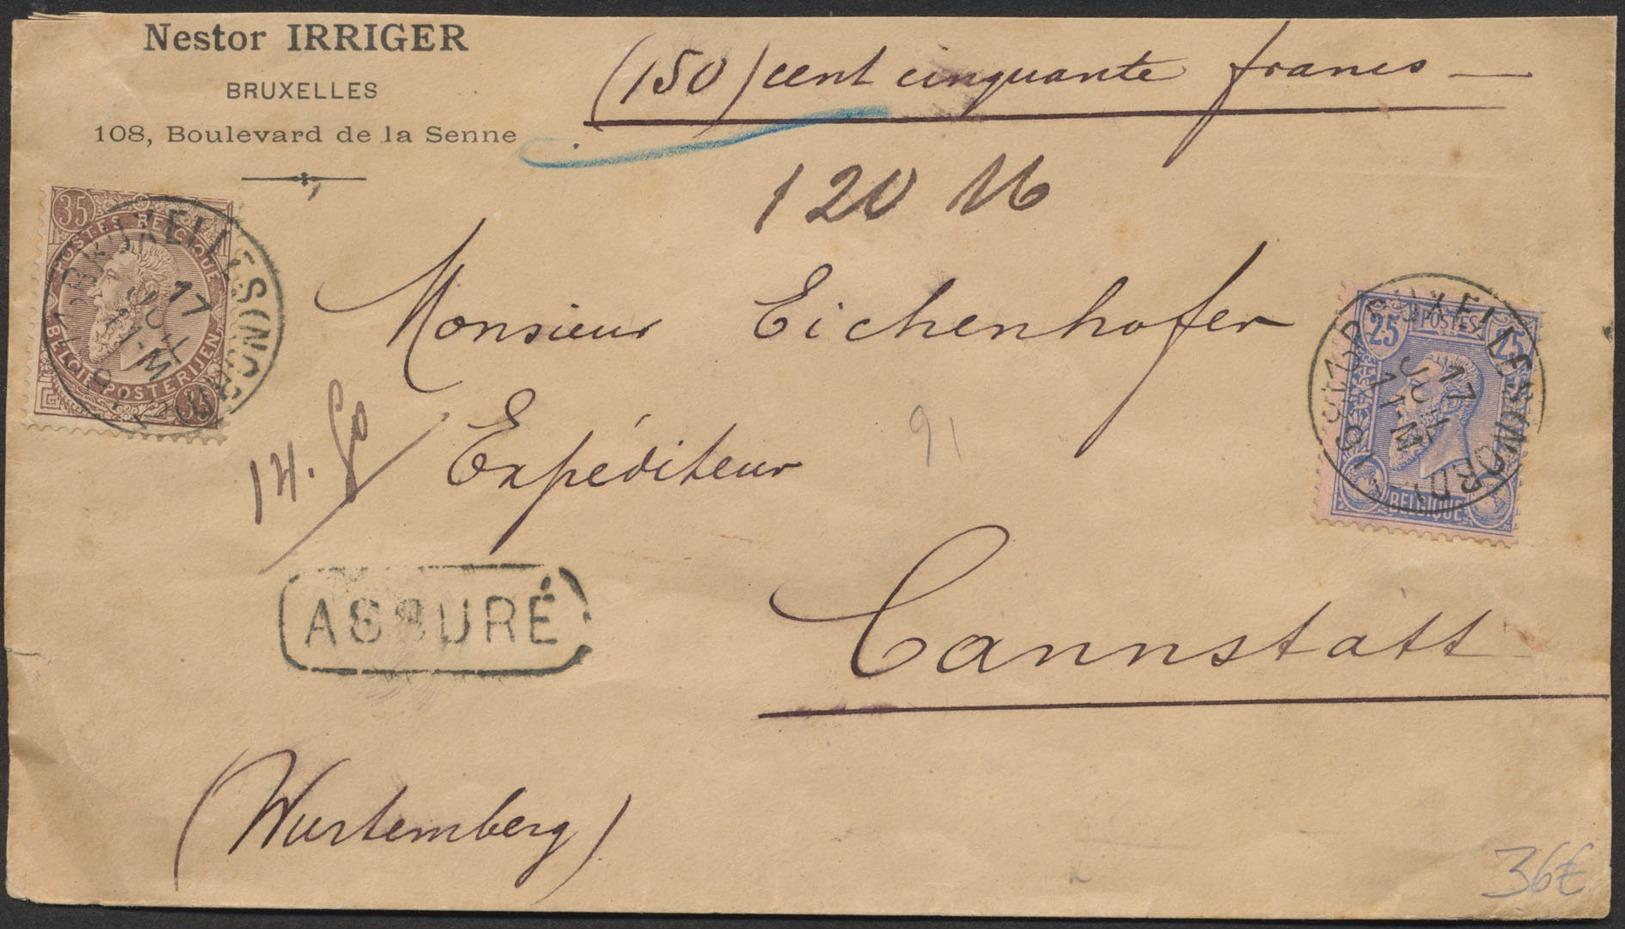 émission 1884 - N°48 Et 49 Sur Lettre Assuré (150 Francs) De Bruxelles (Nord) 17/06/1891 Vers Cannstatt (Allemagne) TB - 1884-1891 Leopold II